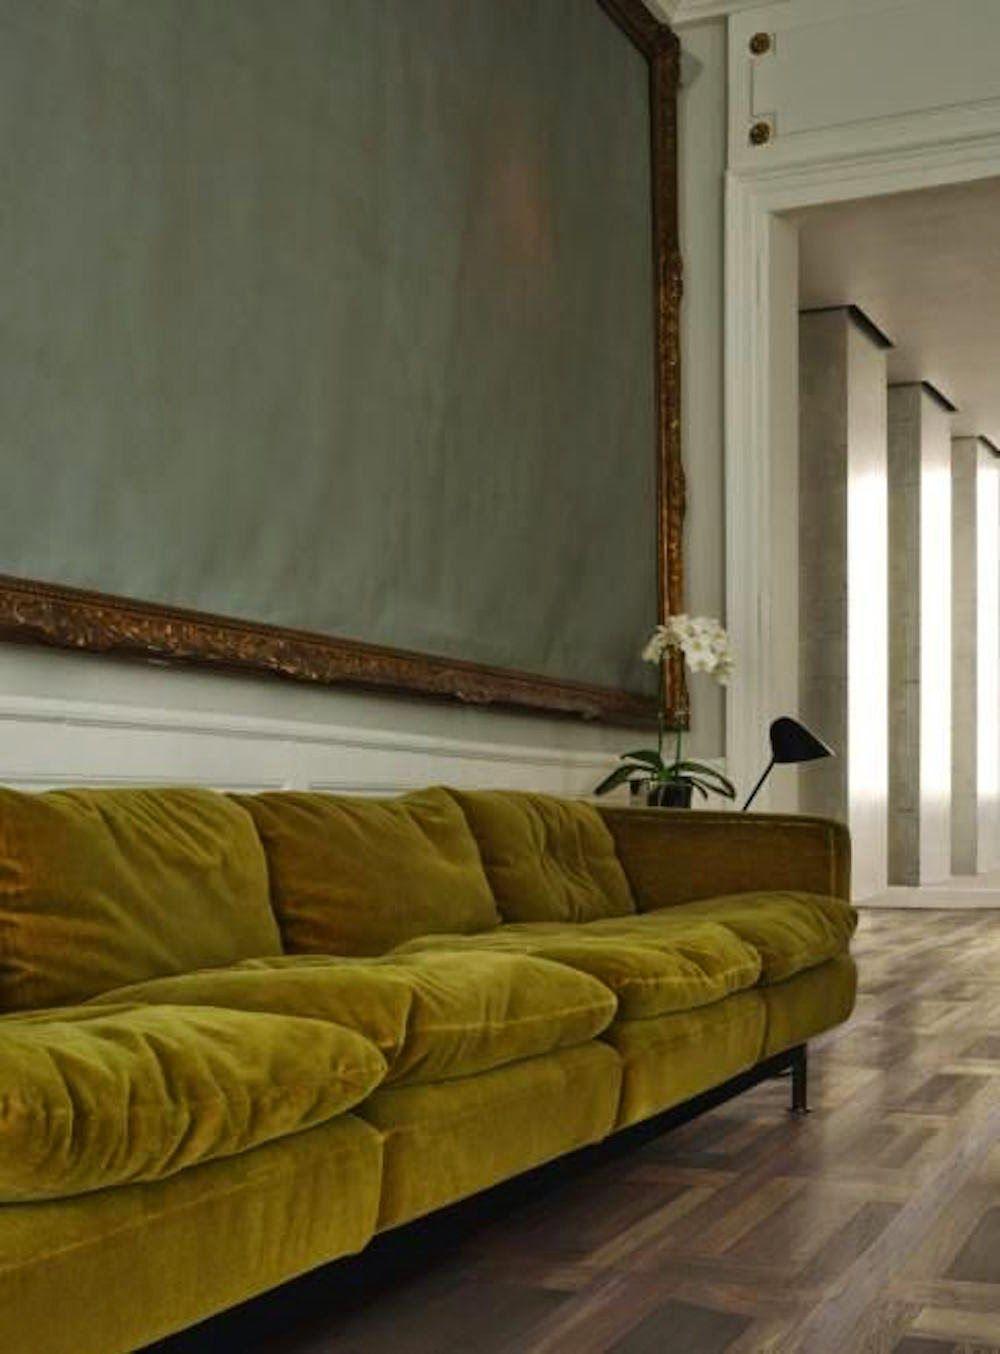 samt sofa | wohndesign | wohnzimmer ideen | brabbu, Wohnzimmer dekoo